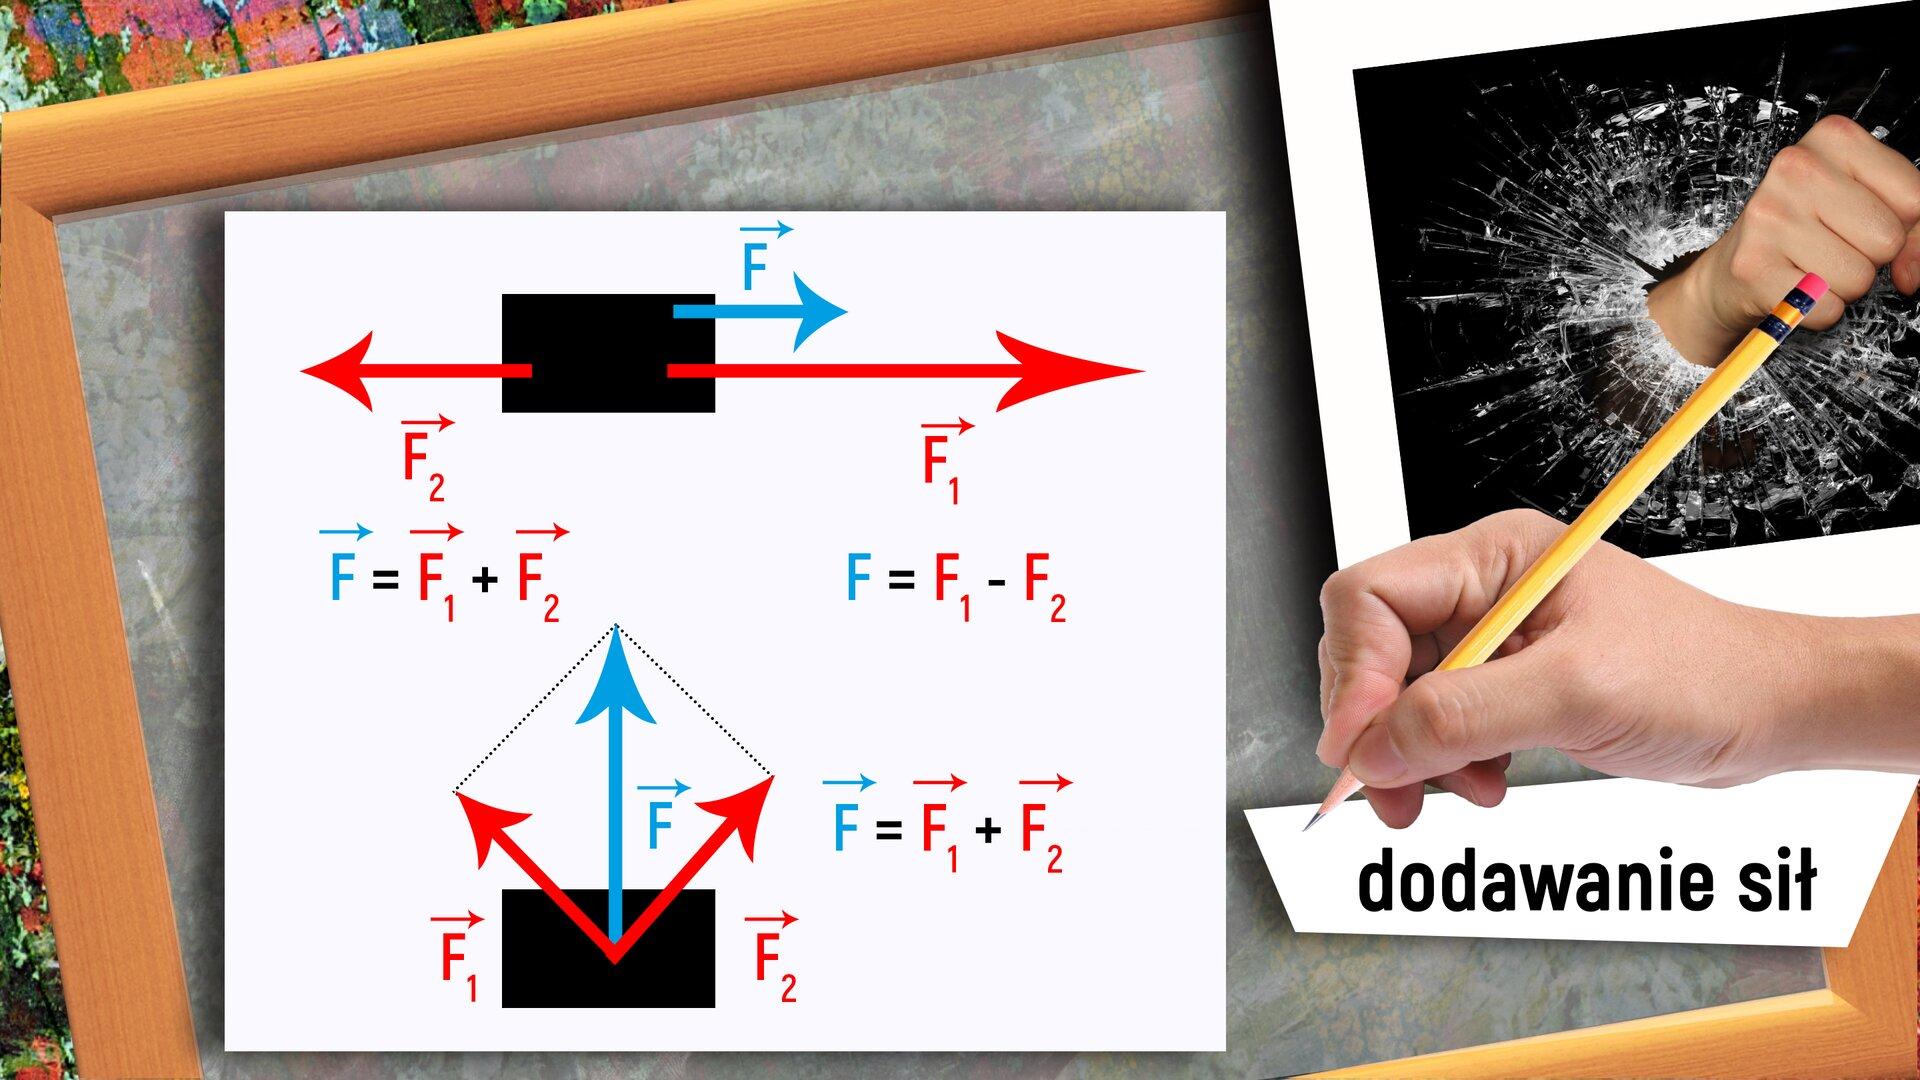 """Ilustracja przedstawia rysunek znajdujący się na szarej tablicy zdrewnianą ramką, opisujący dodawanie sił. Górna część rysunku pokazuje czarny prostokąt oraz narysowane na nim siły- strzałki czerwone iniebieskie, biegnące wkierunku poziomym wprawą ilewą stronę, atakże podpisy F1, F2 oraz F. Poniżej znajdują się dwa działania- dodawanie iodejmowanie sił. Niżej znajduje się czarny prostokąt oraz narysowane na nim czerwone iniebieskie strzałki- siły biegnące do góry wkierunku pionowym oraz kierunkach o45o odchylonych wprawą iwlewą stronę od kierunku pionowego. Obok widać popisy: F1, F2 oraz F. Po prawe stronie zapisane jest działanie- dodawanie sił. Po prawej stronie znajduje się prawa dłoń, wktórej jest ołówek, apod nią napis: """"dodawanie sił"""". Wprawym górnym rogu znajduje się obraz ilustrujący siłę – pięść przebijająca szybę."""